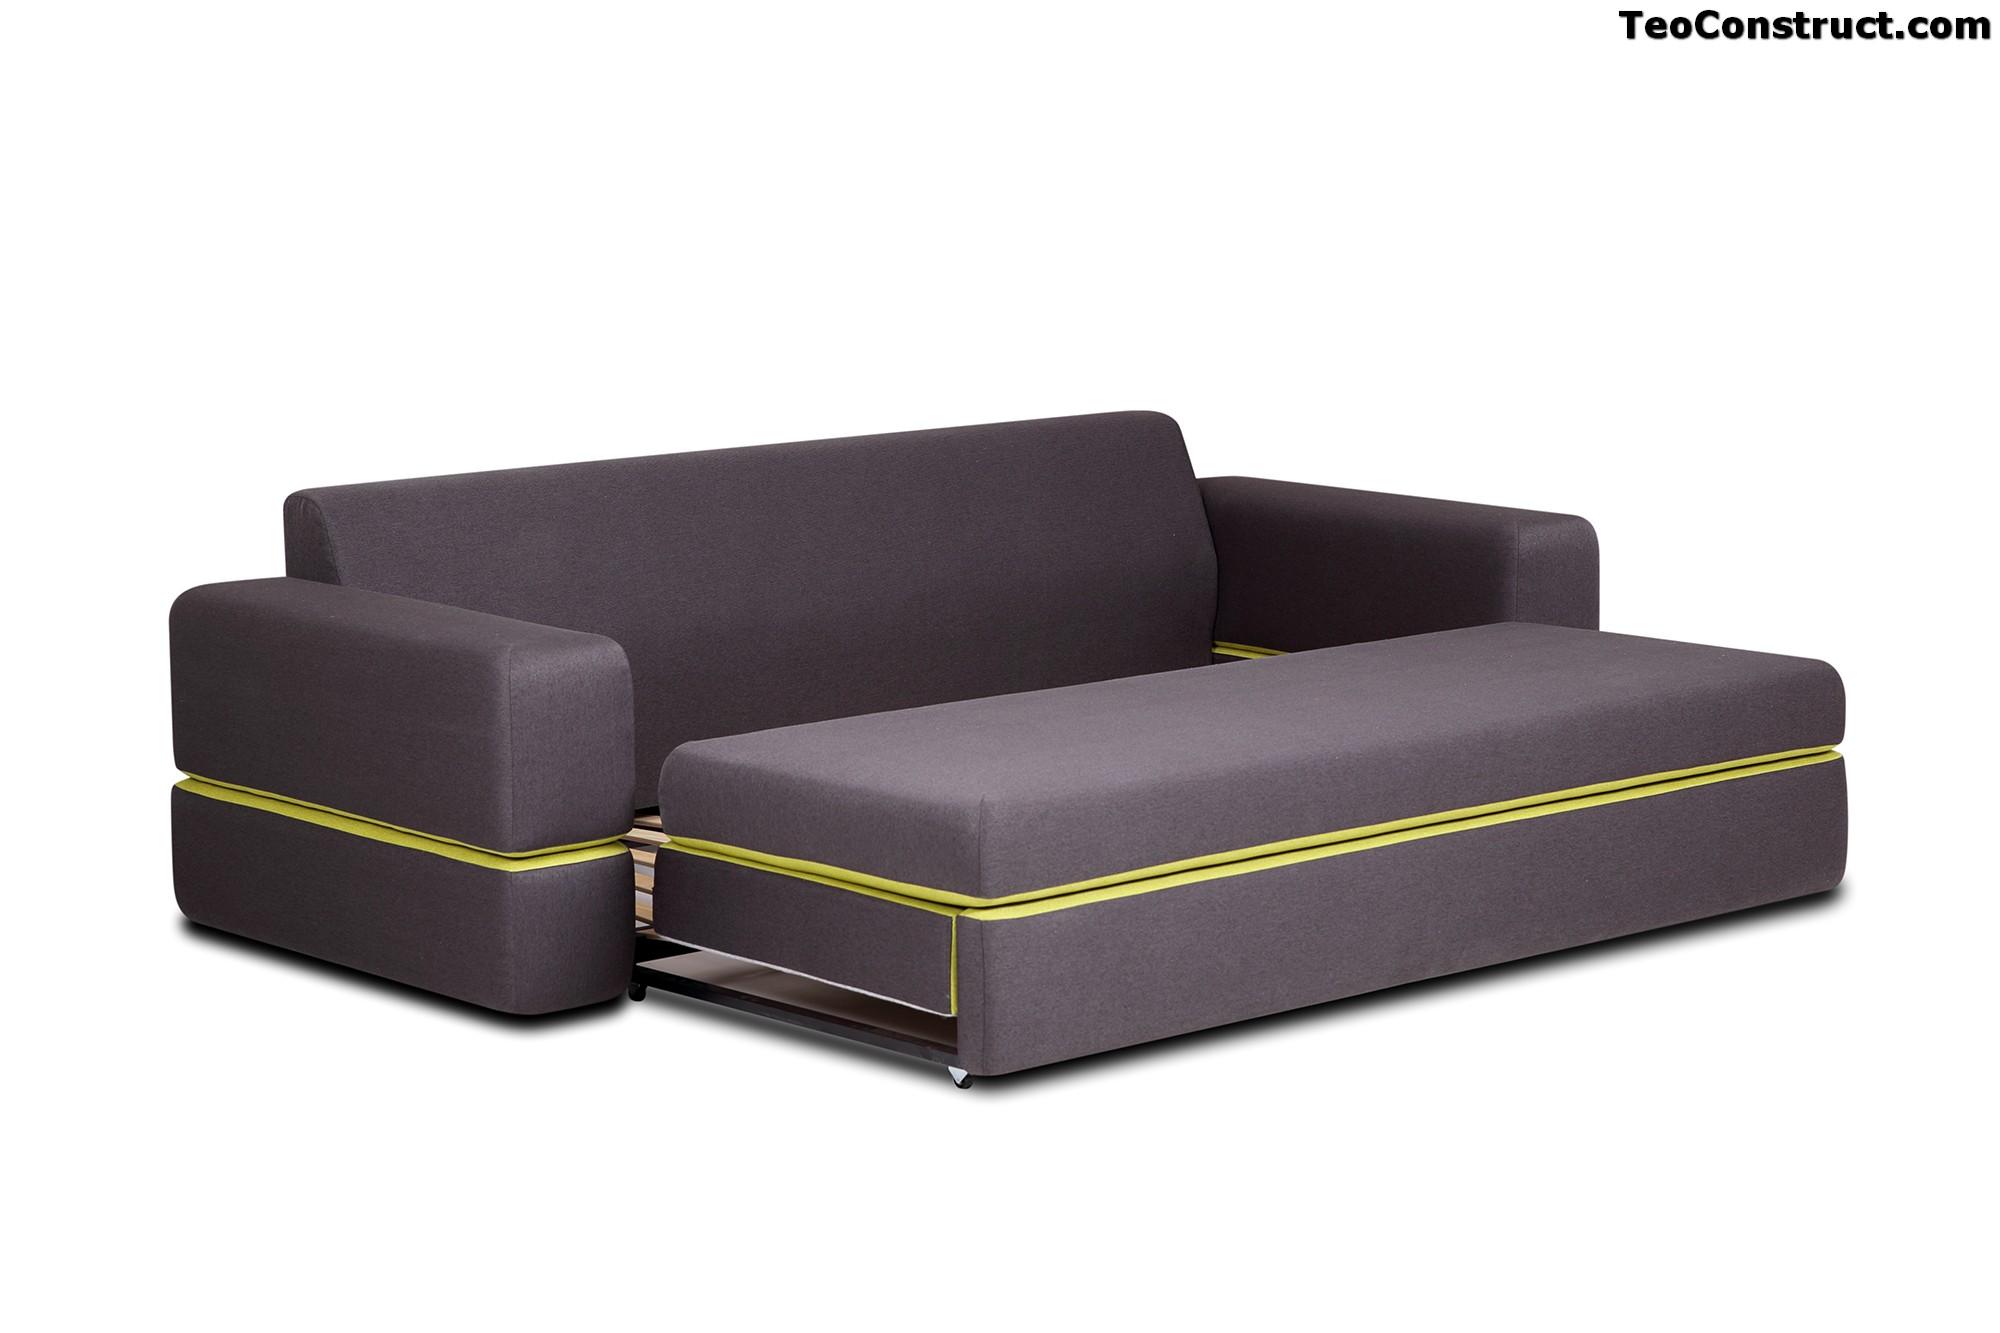 Canapea Open de calitate superioare06